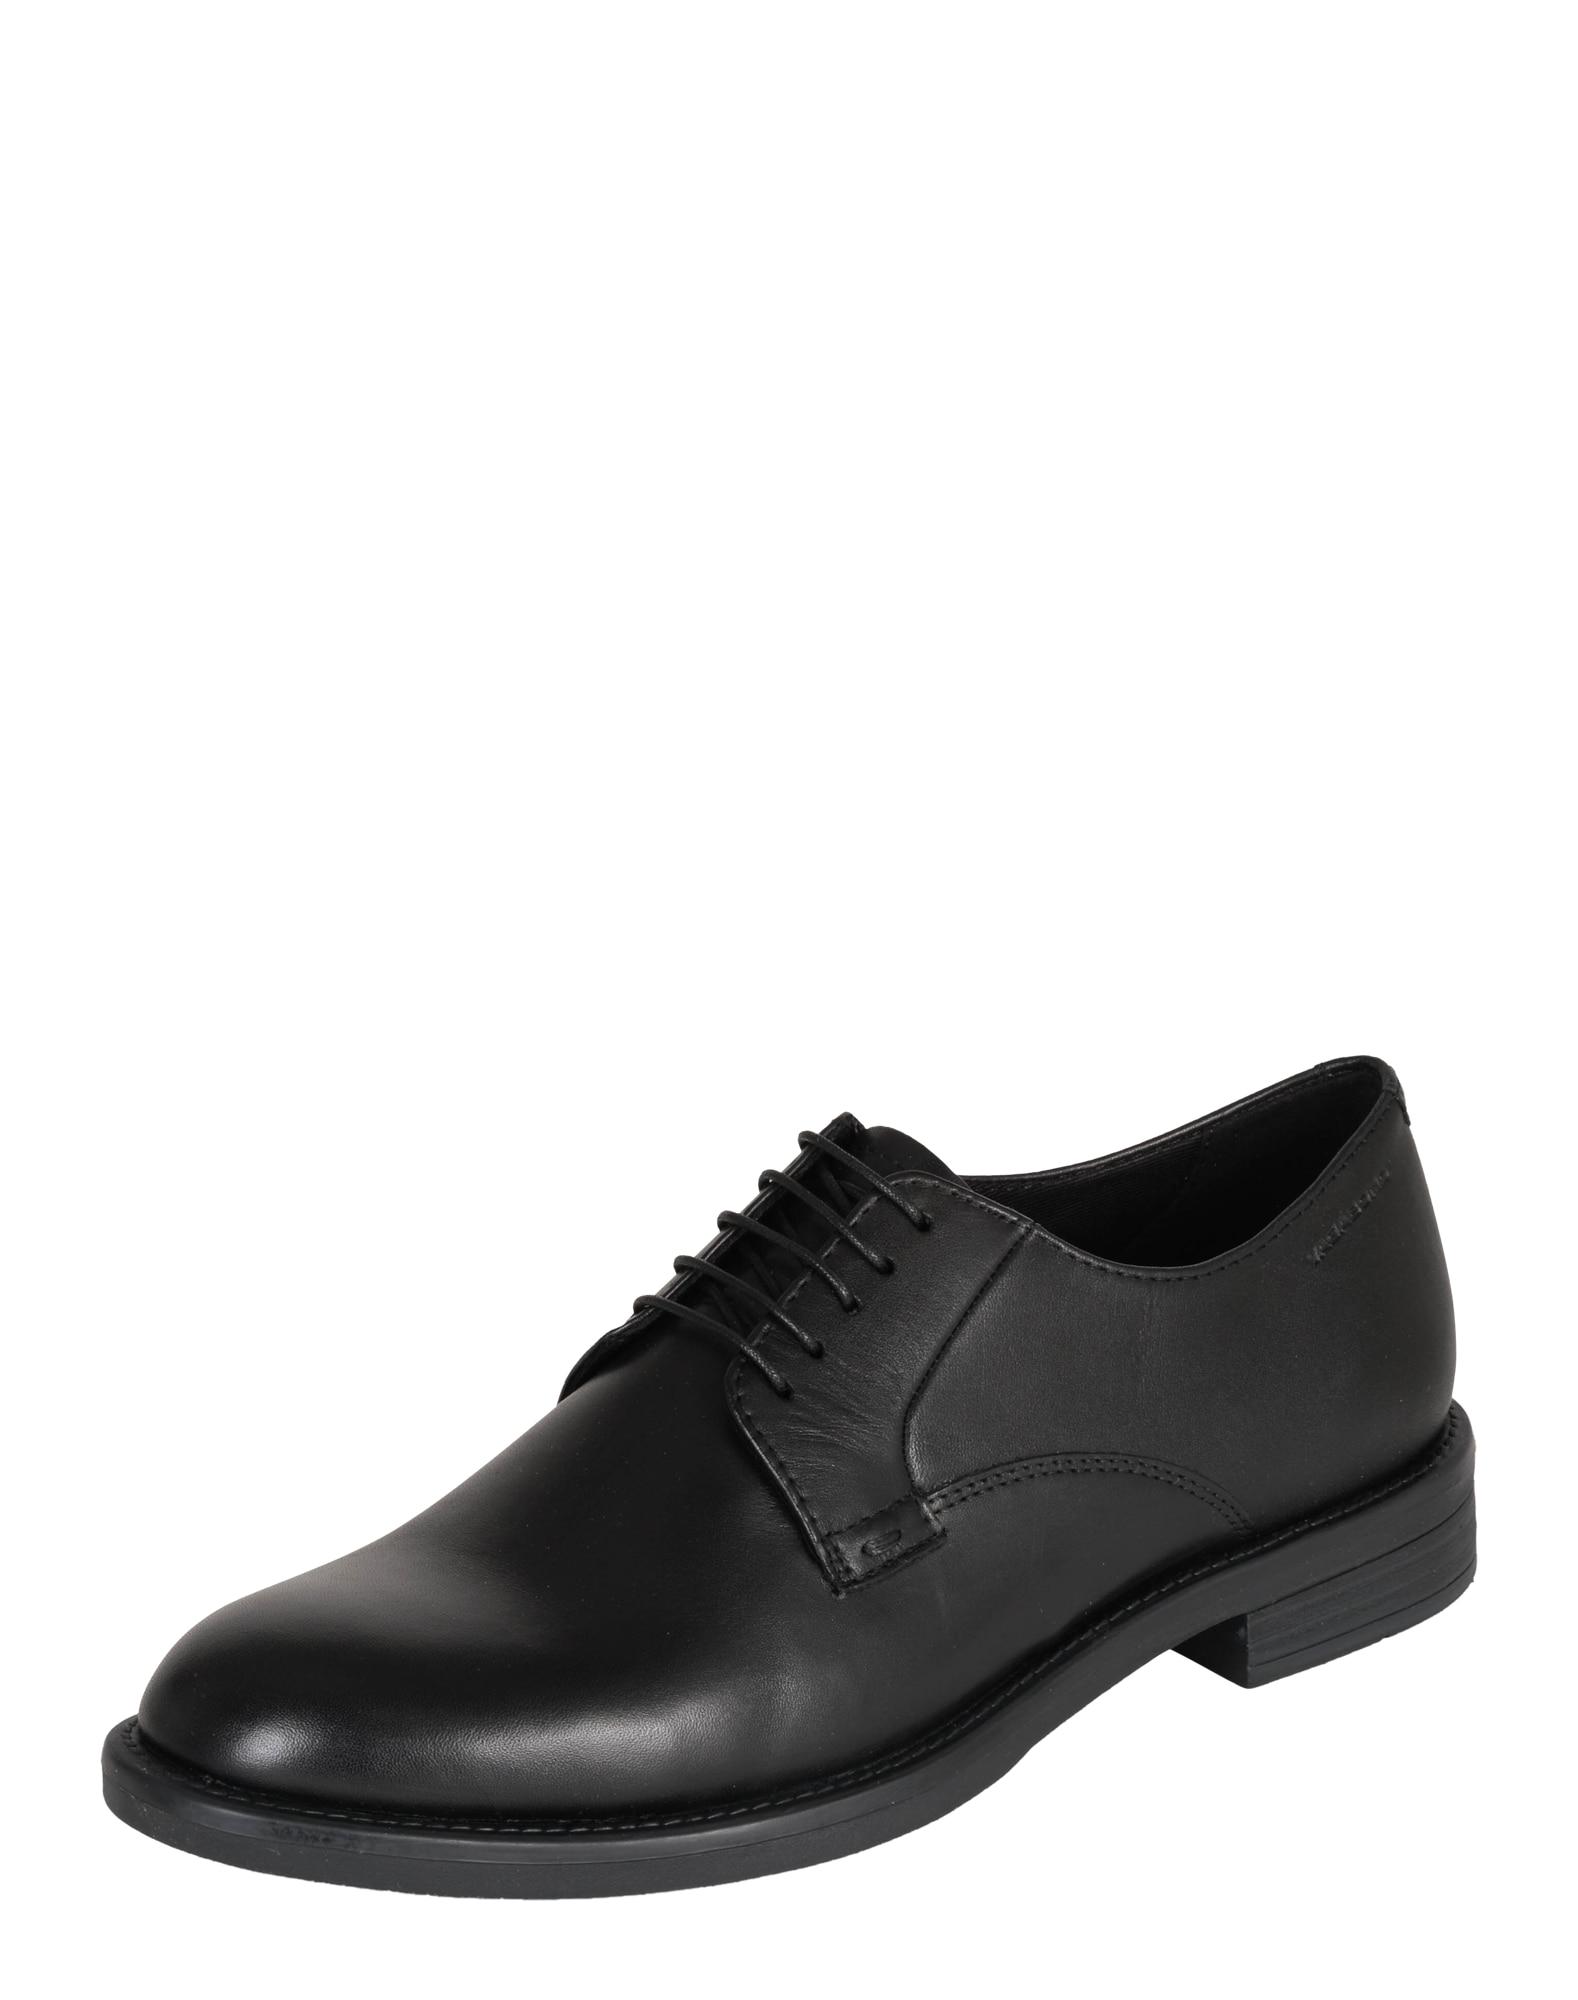 Šněrovací boty Amina černá VAGABOND SHOEMAKERS